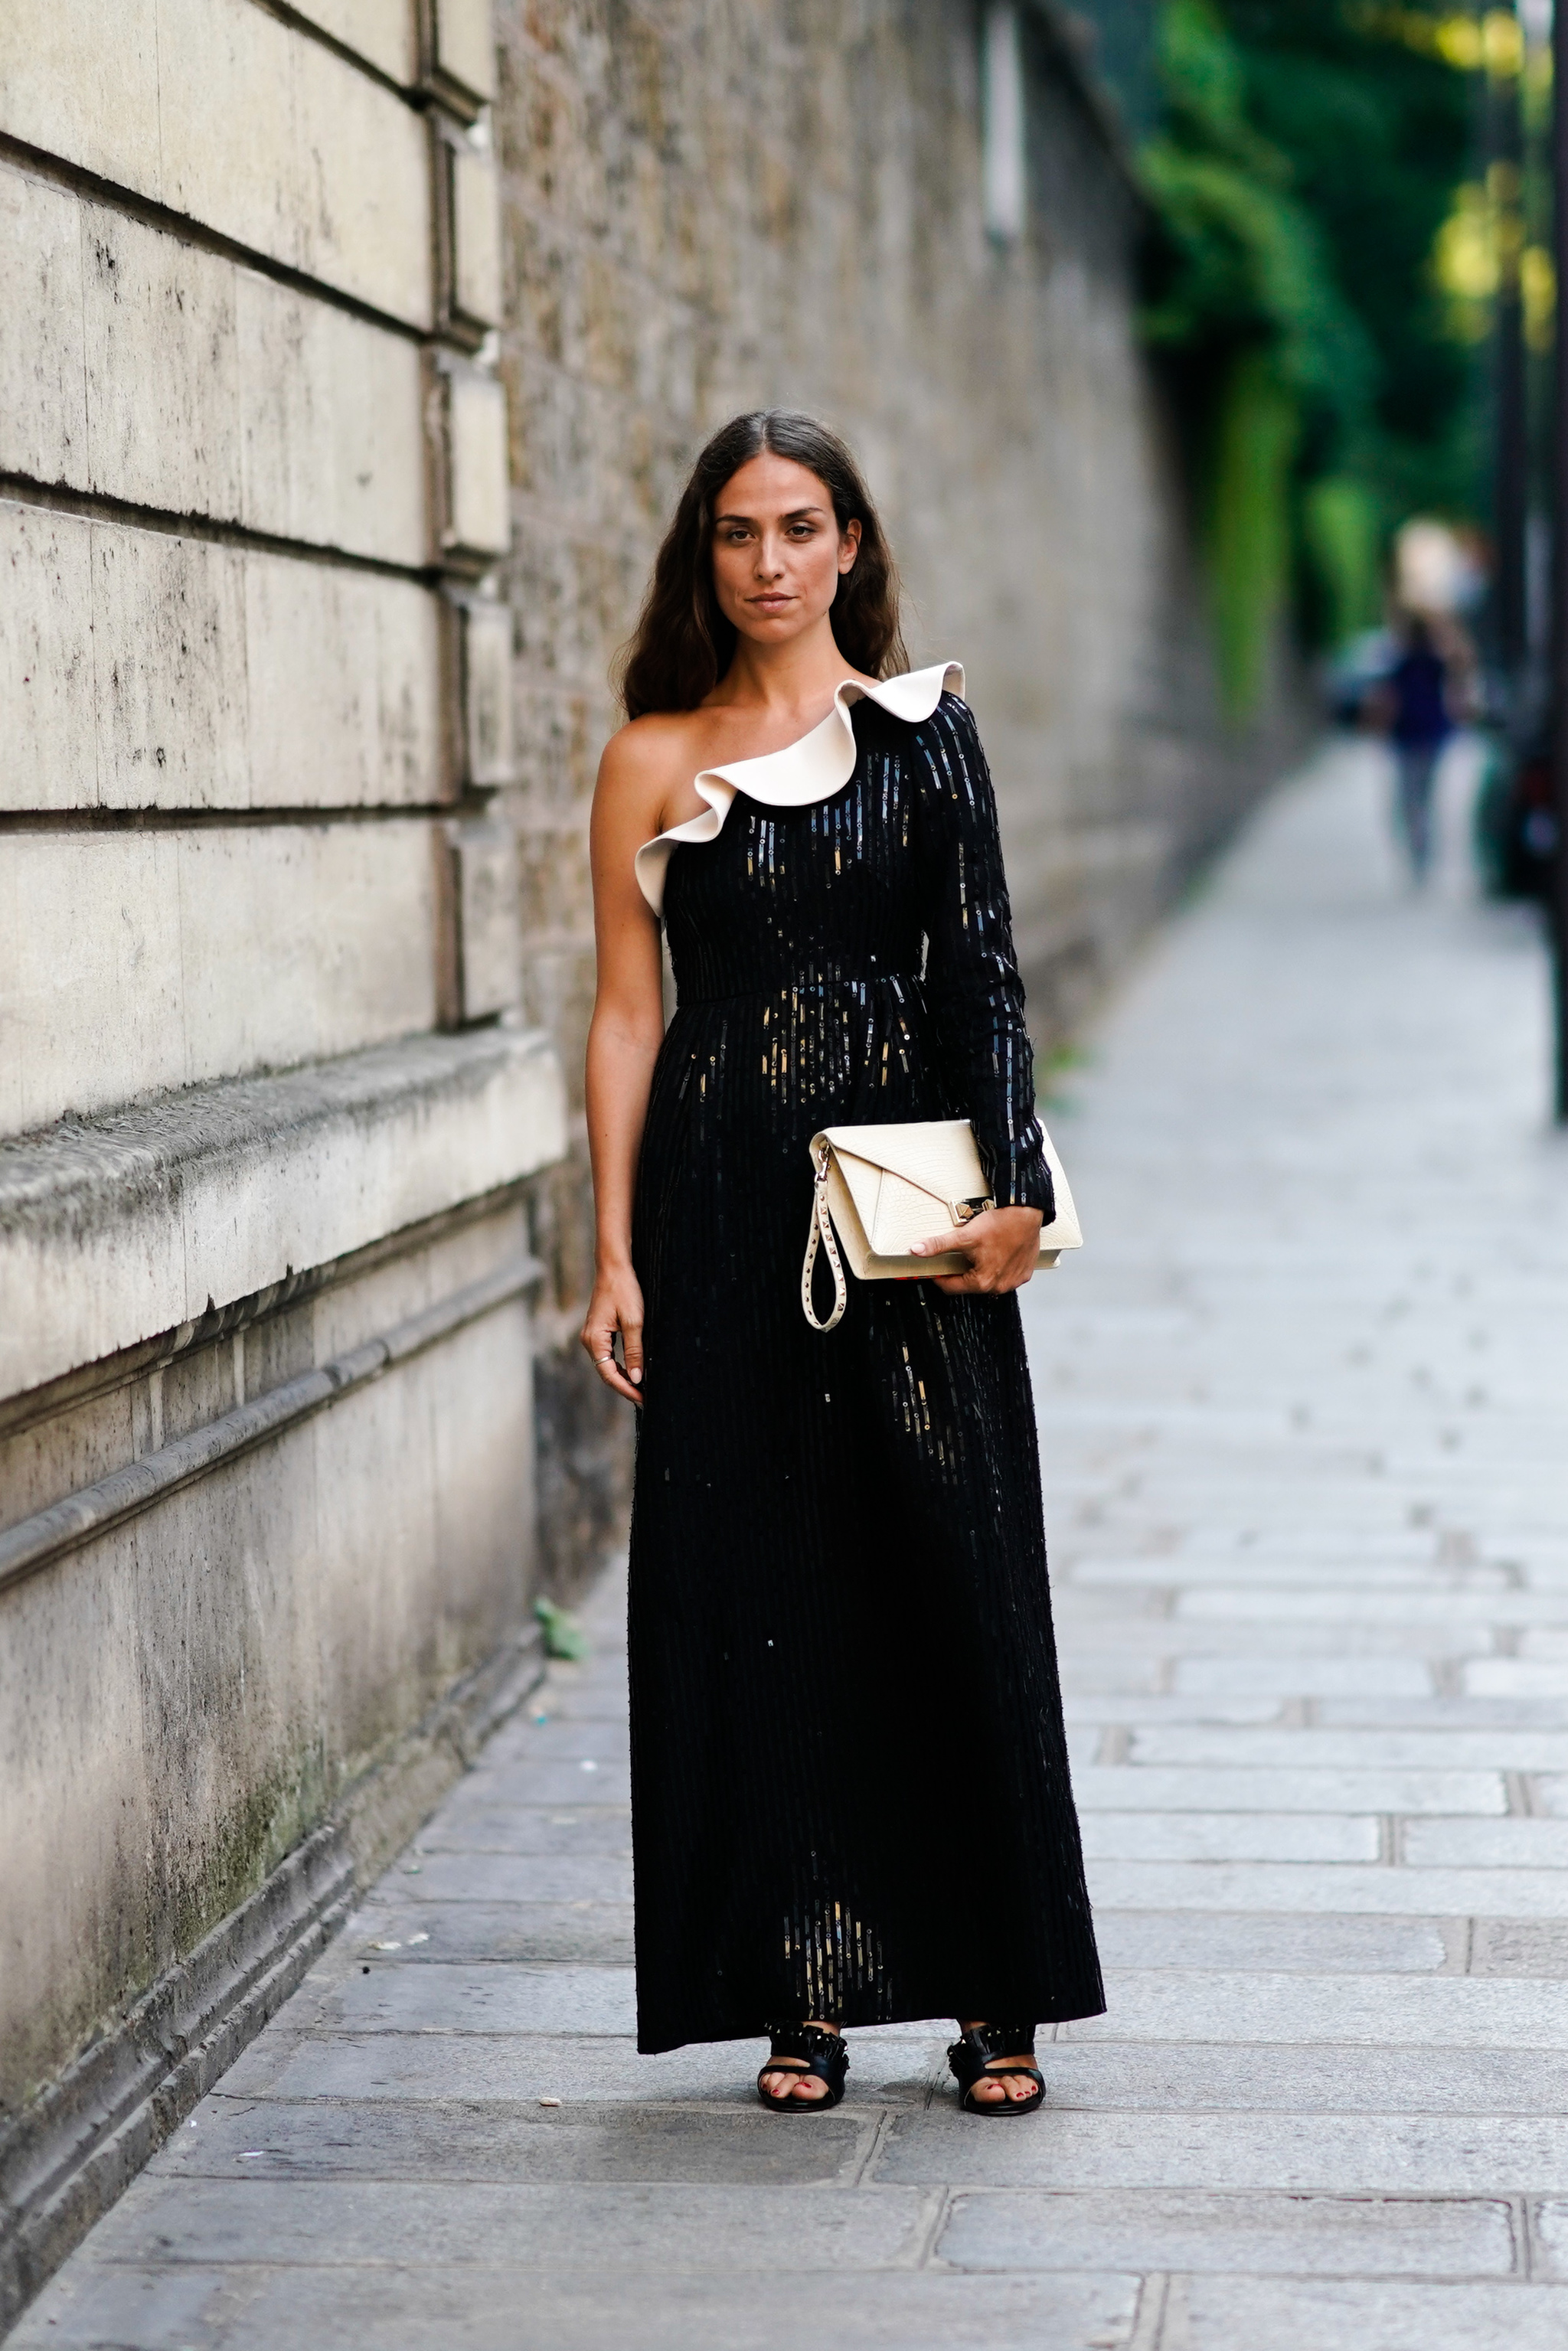 El vestido asimétrico en color negro.